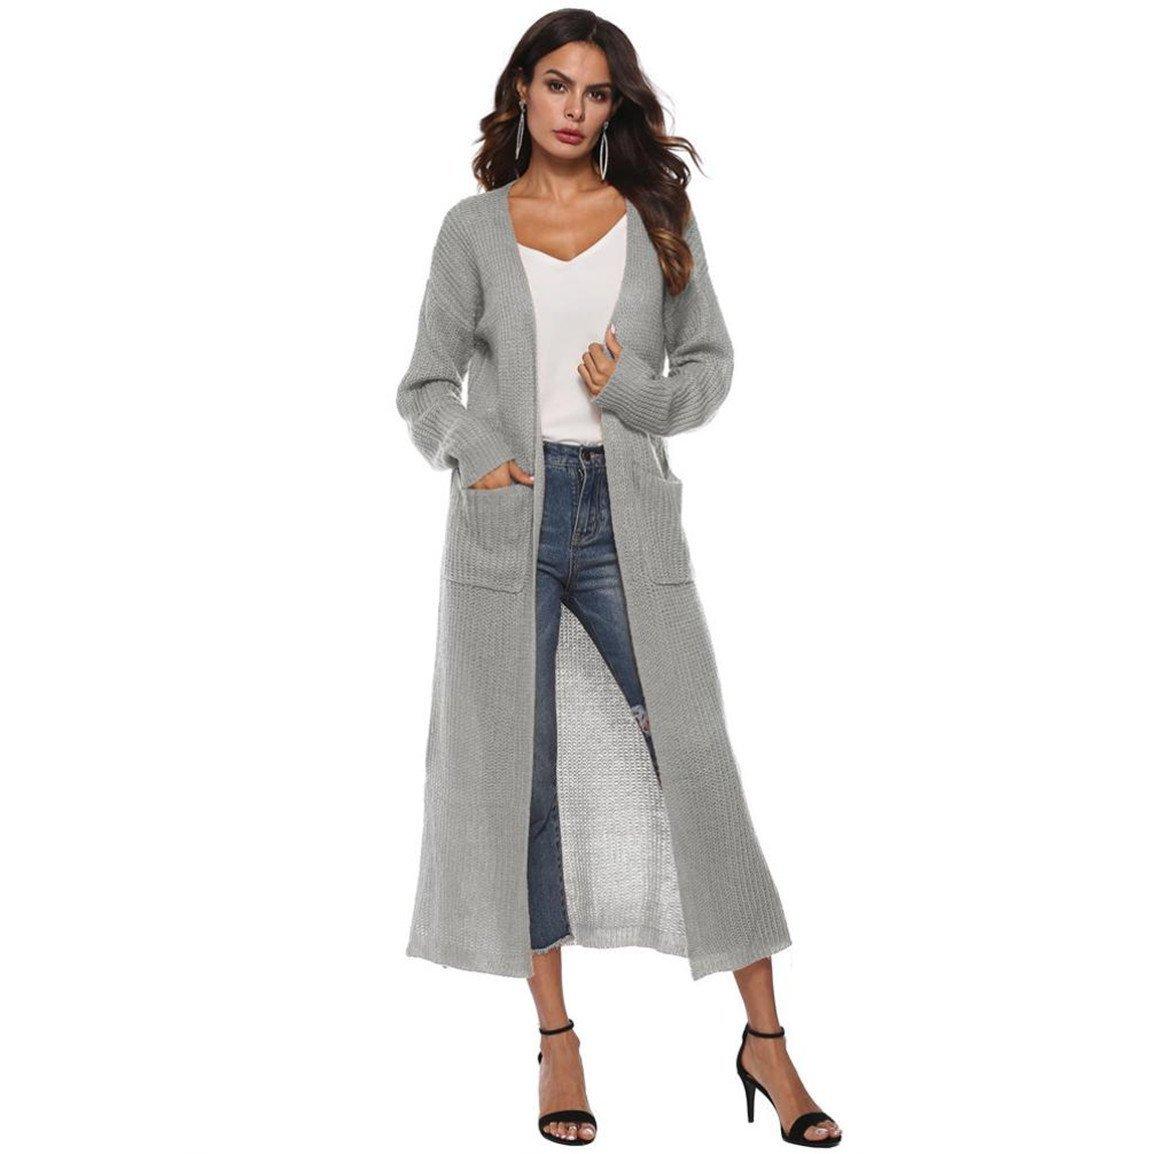 Moonuy Frauen Langarm Bluse Damen Langen Mantel Herbst Open Cape Casual Kimono Jacke Strickjacke mit Taschen